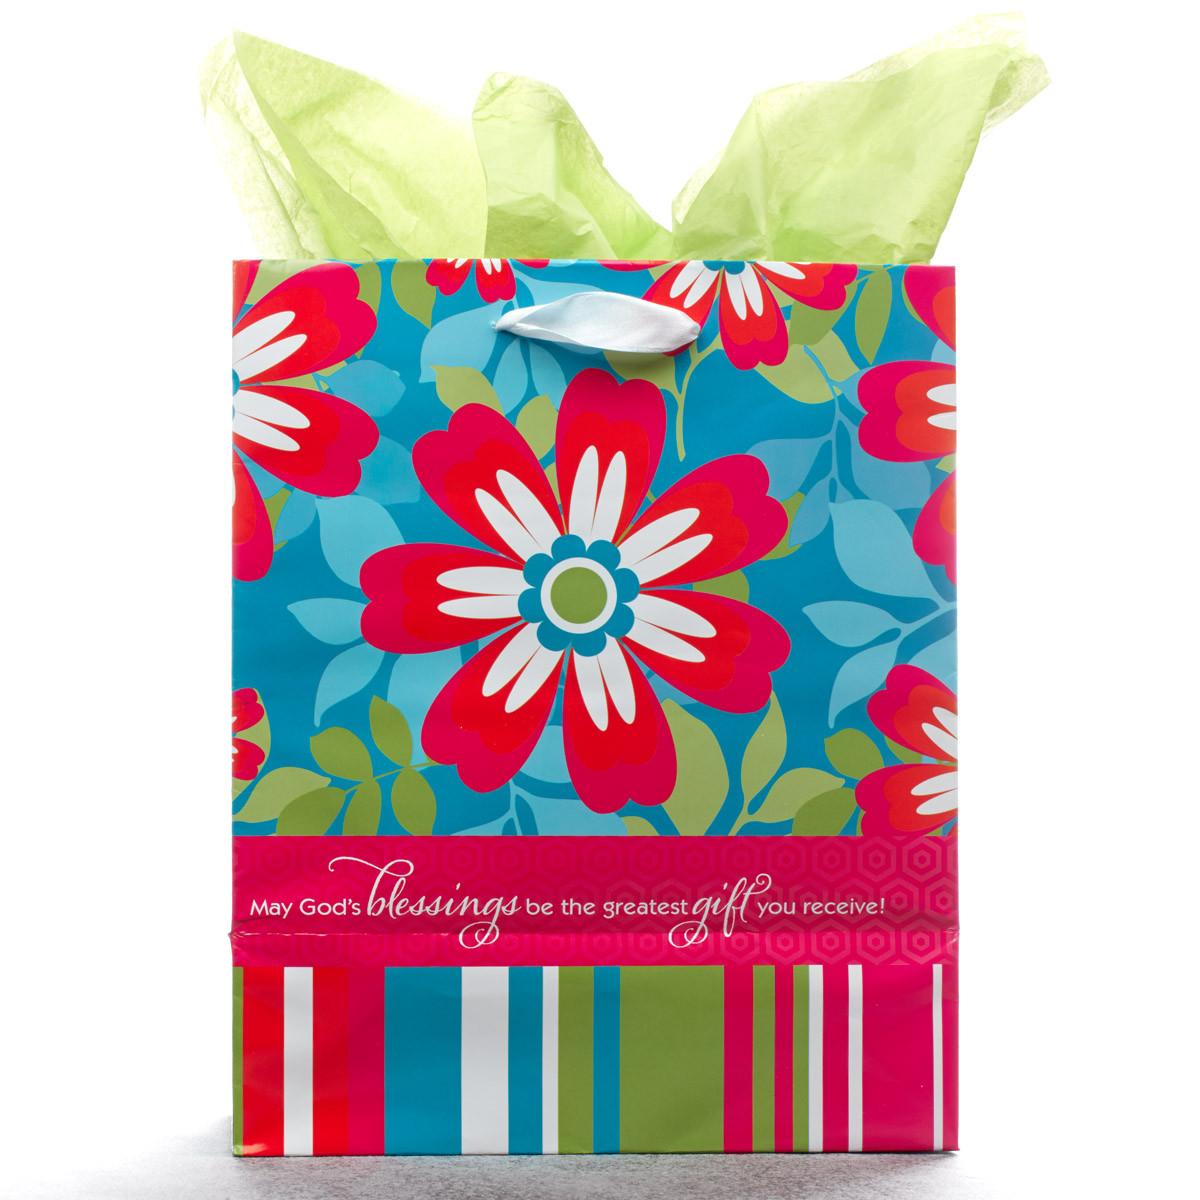 God%27s Blessings Medium Gift Bag gift bag, medium gift bag, tissue and bag, gift wrap, GBA003